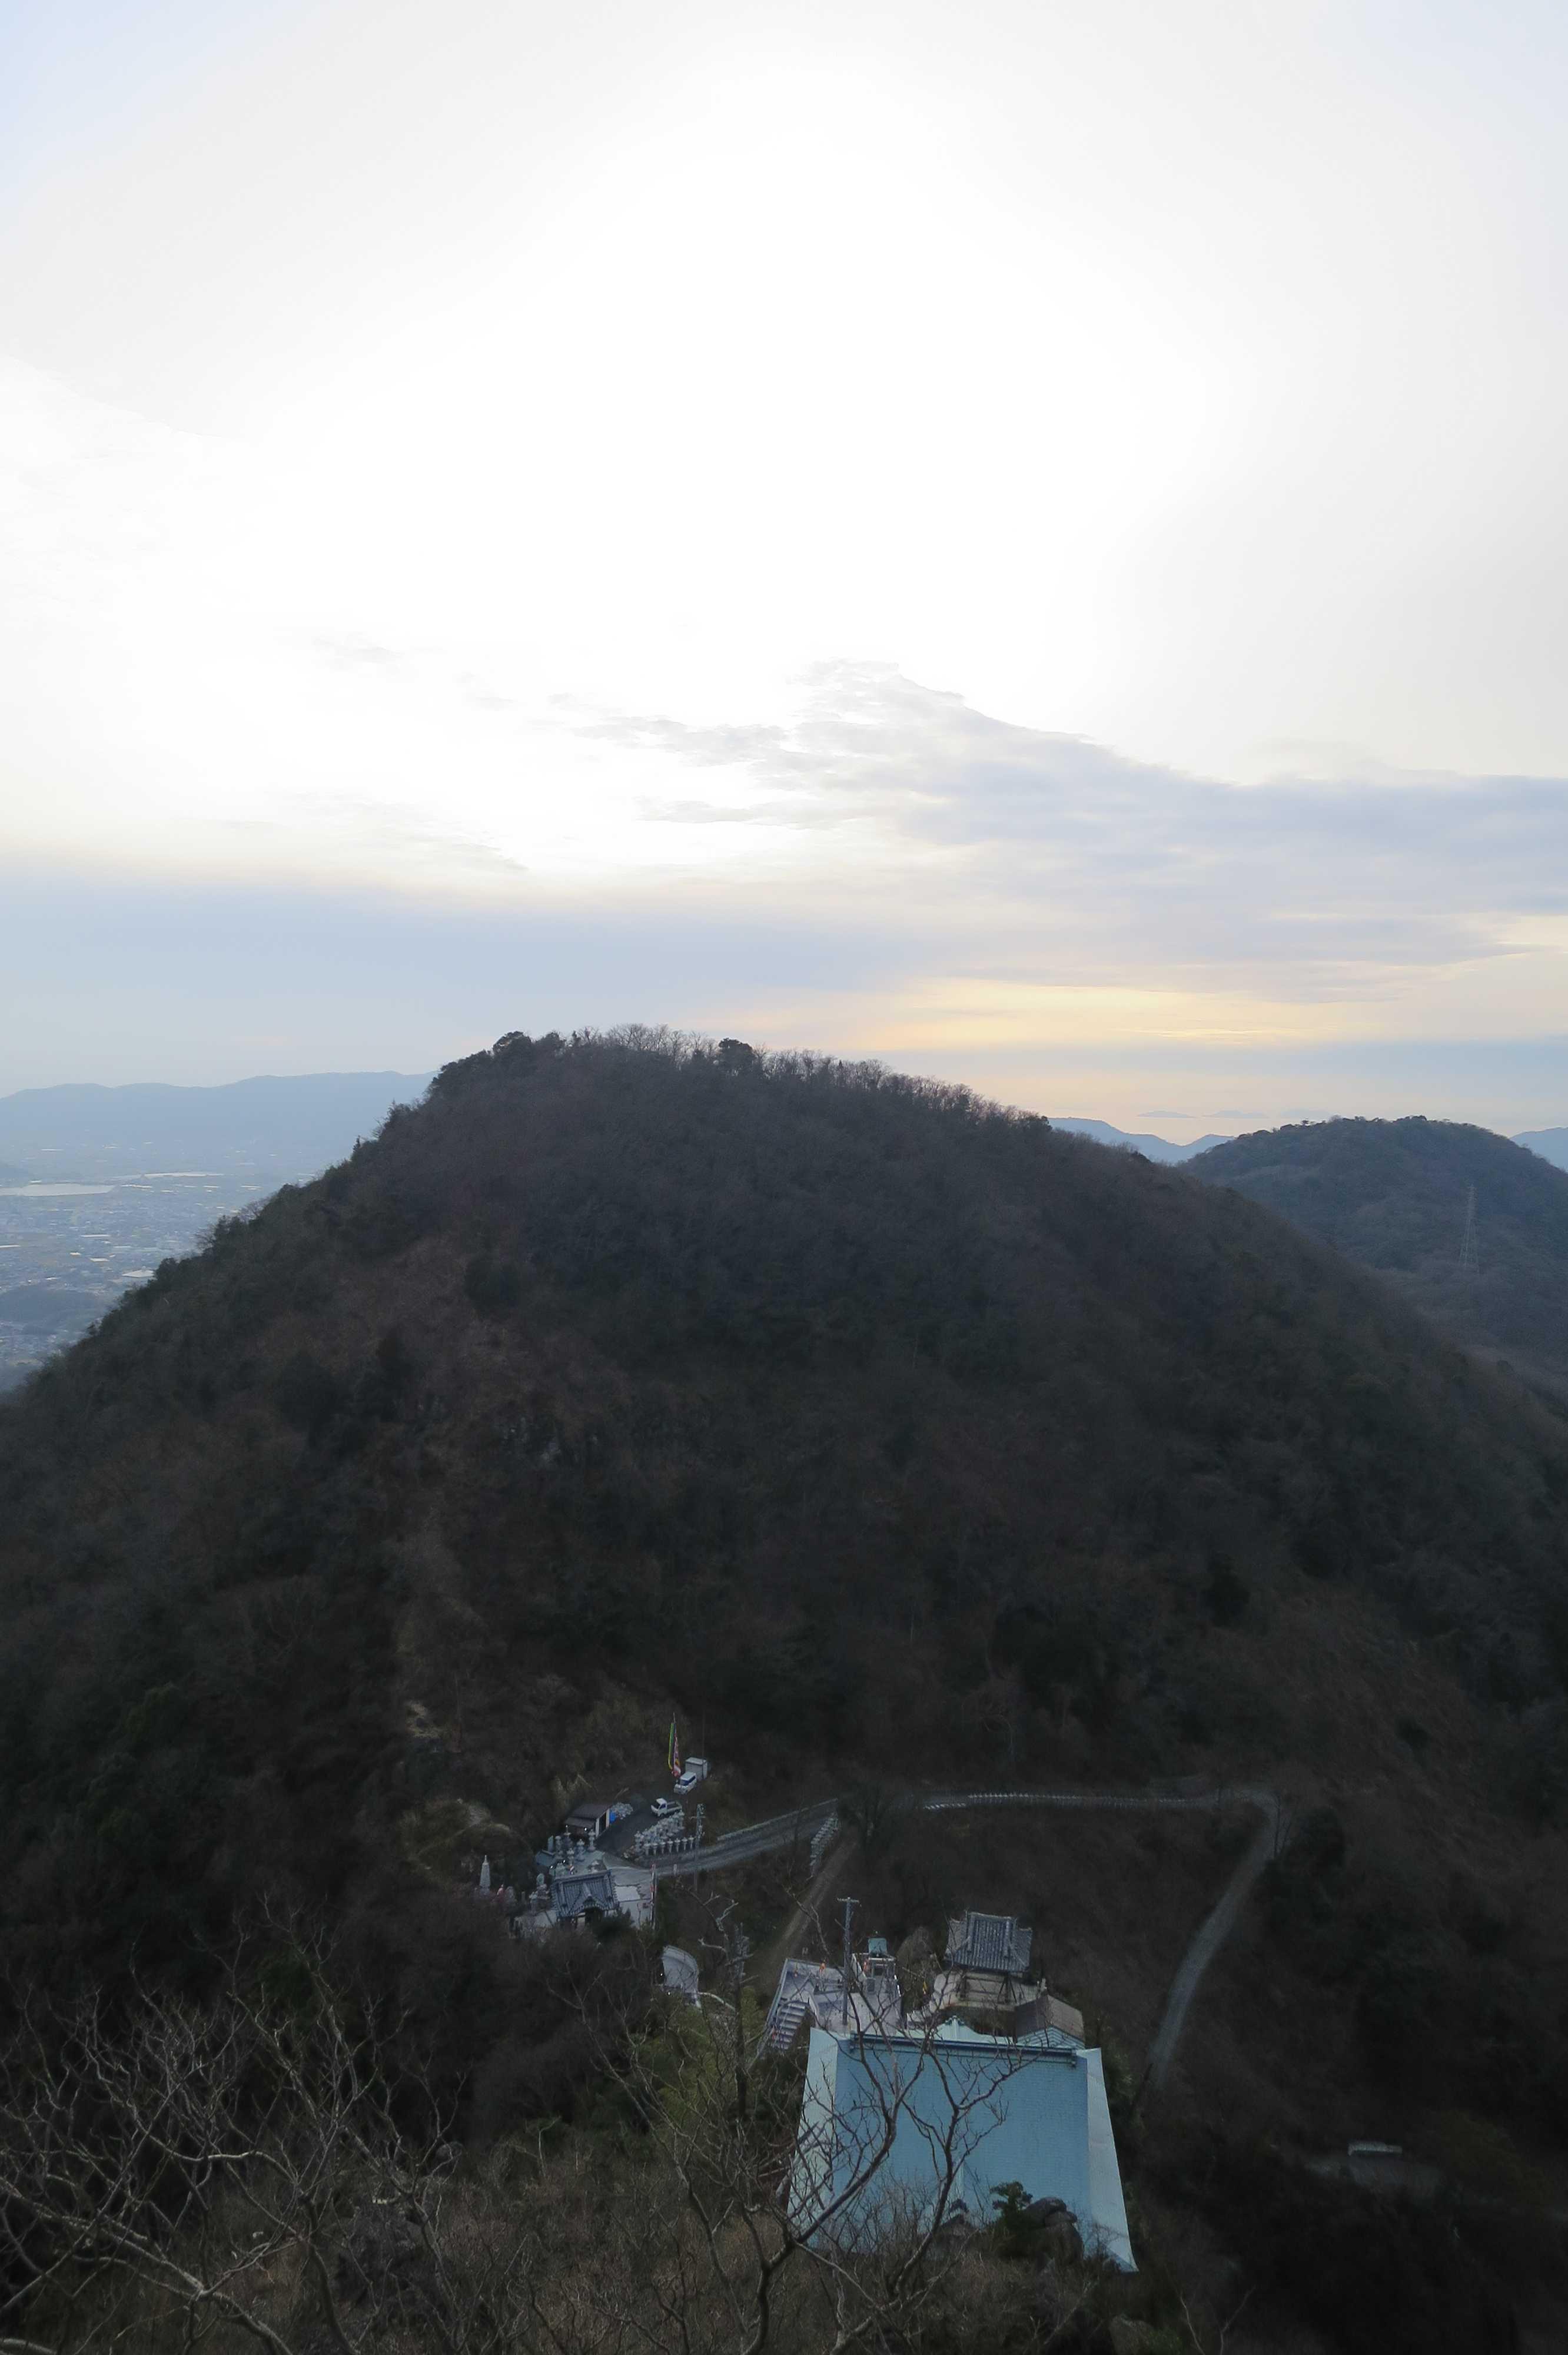 夕暮れ間近、捨身ヶ嶽禅定からの眺め